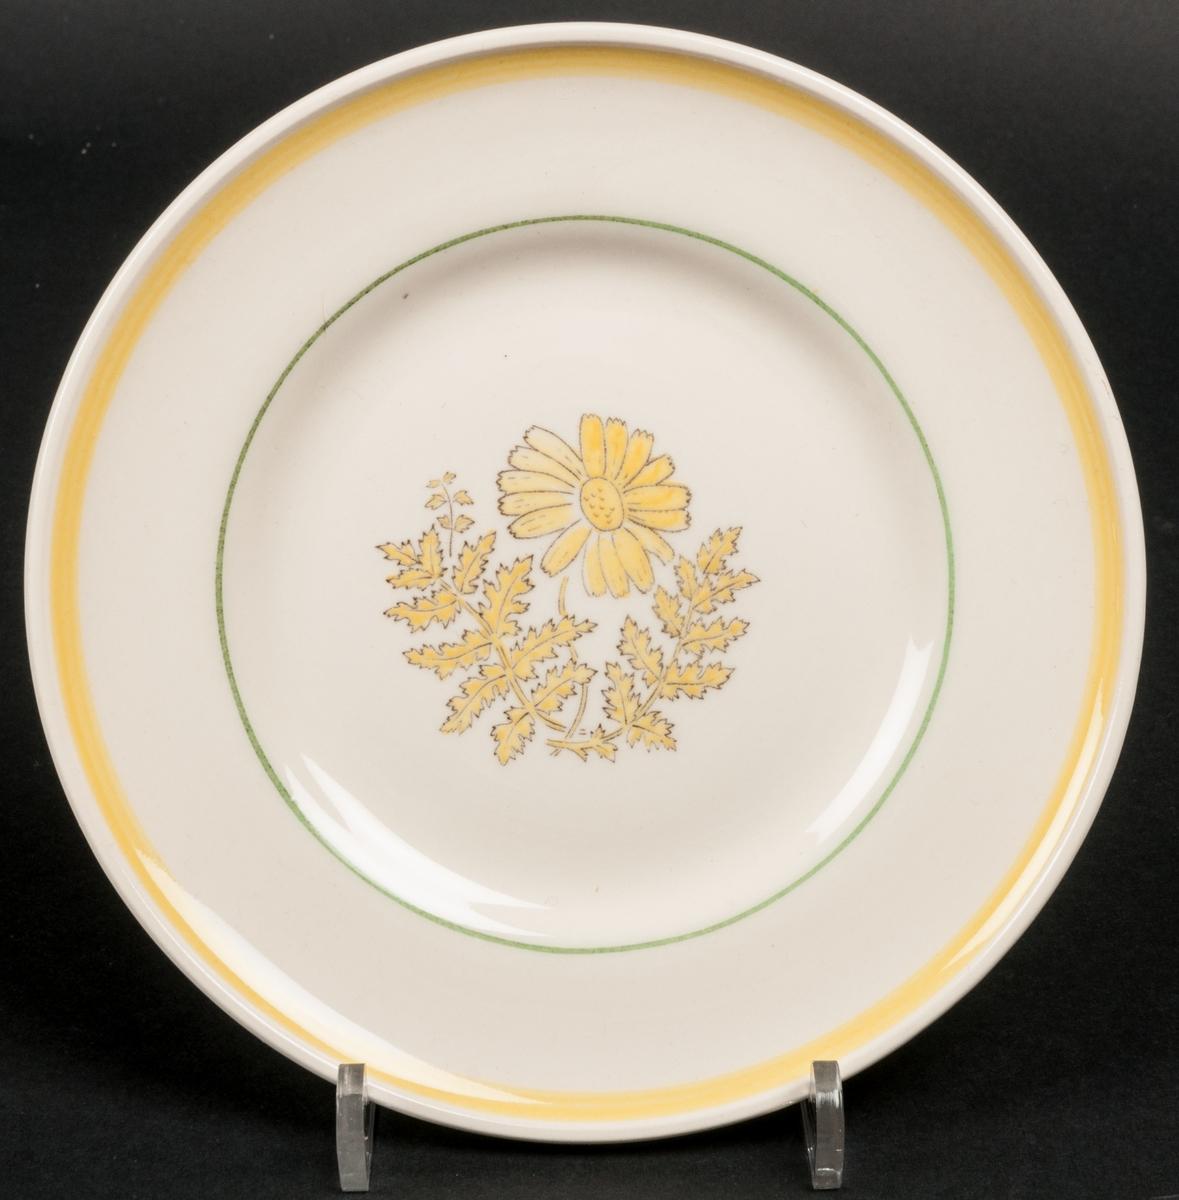 Assiett dekor Pyretrum. Koppargravyr med lavering i gult och grönt. Dekoren föreställer en prästkrage eller liknande blomma. Gult band längs yttre delen av brämet och ett smalare grönt band på inre delen.